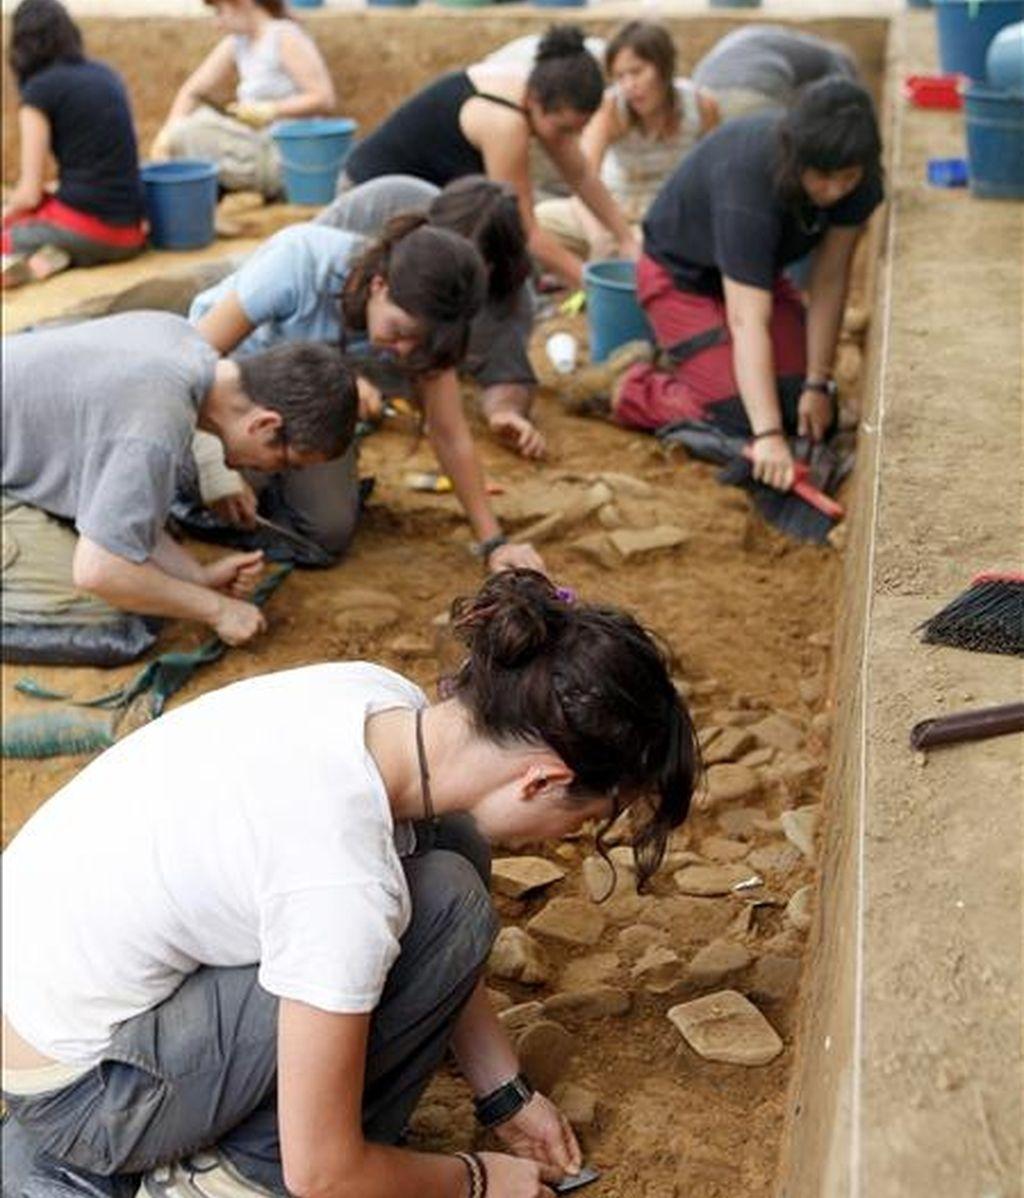 Varias personas trabajan en el yacimiento de Irikaitz, situado en el municipio guipuzcoano de Zestoa, donde ha sido hallada una placa de hogar utilizada para hacer fuego hace unos 250.000 años, en el periodo Paleolítico Inferior, un hallazgo que podría arrojar luz sobre la capacidad que el Homo Heidelbergensis tenía para utilizar el fuego. EFE